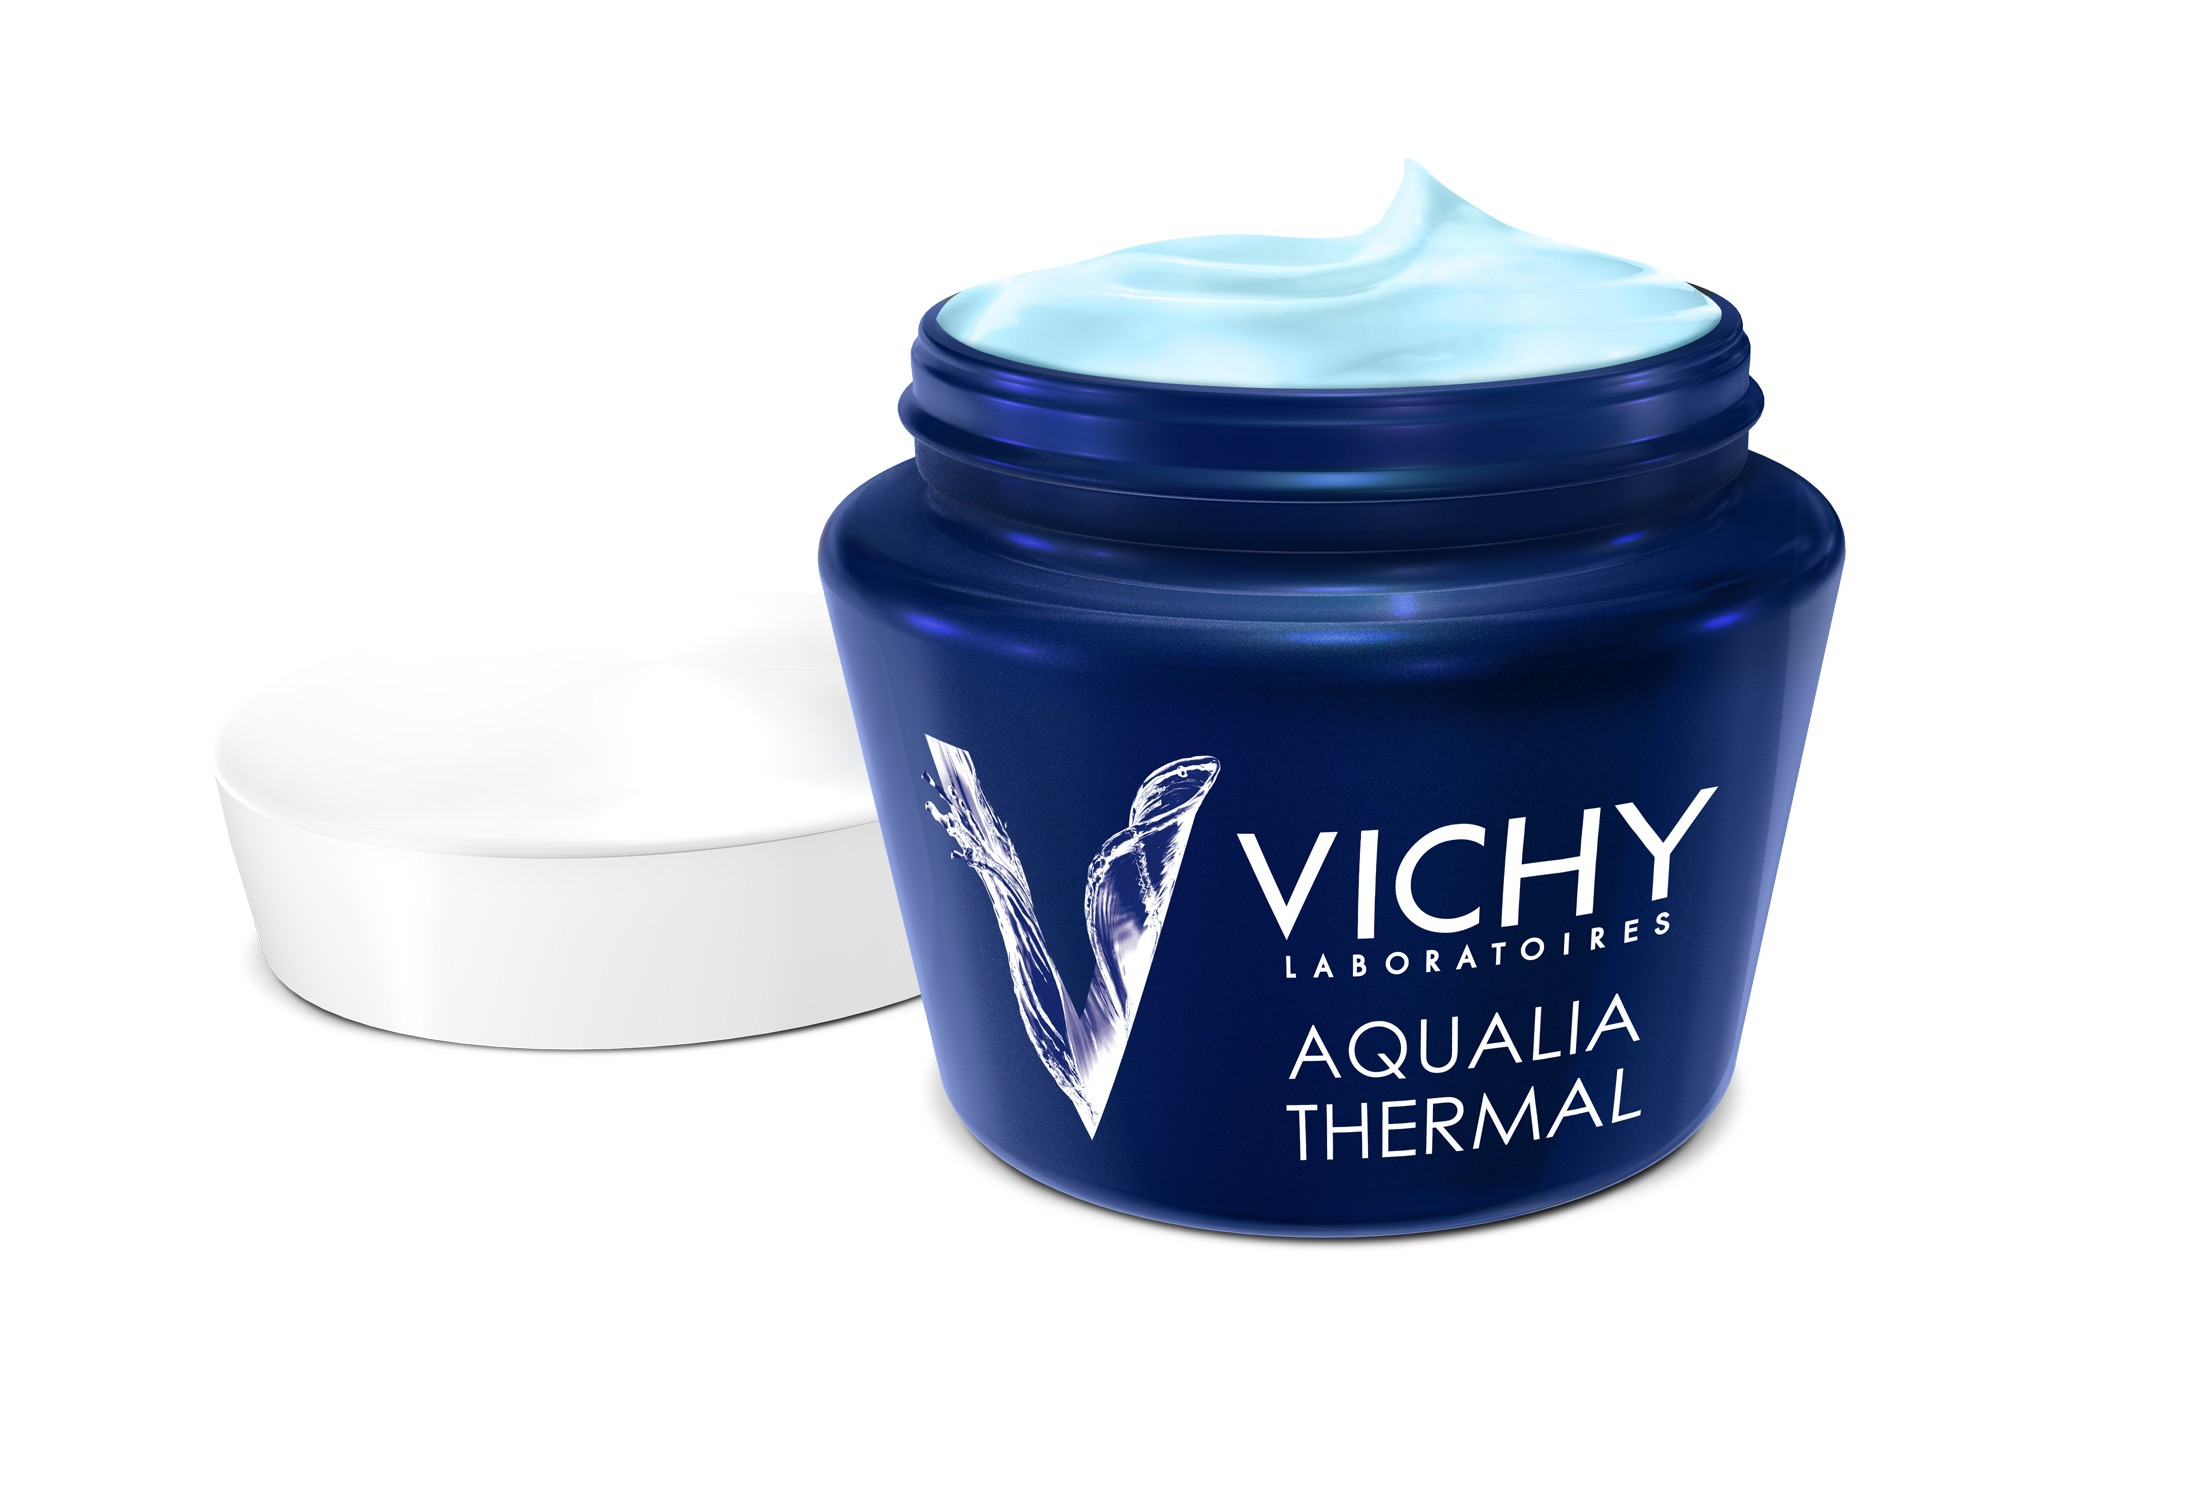 אקוואליה טרמל ספא ללילה Vichy Aqualia Thermal Night Spa וישי